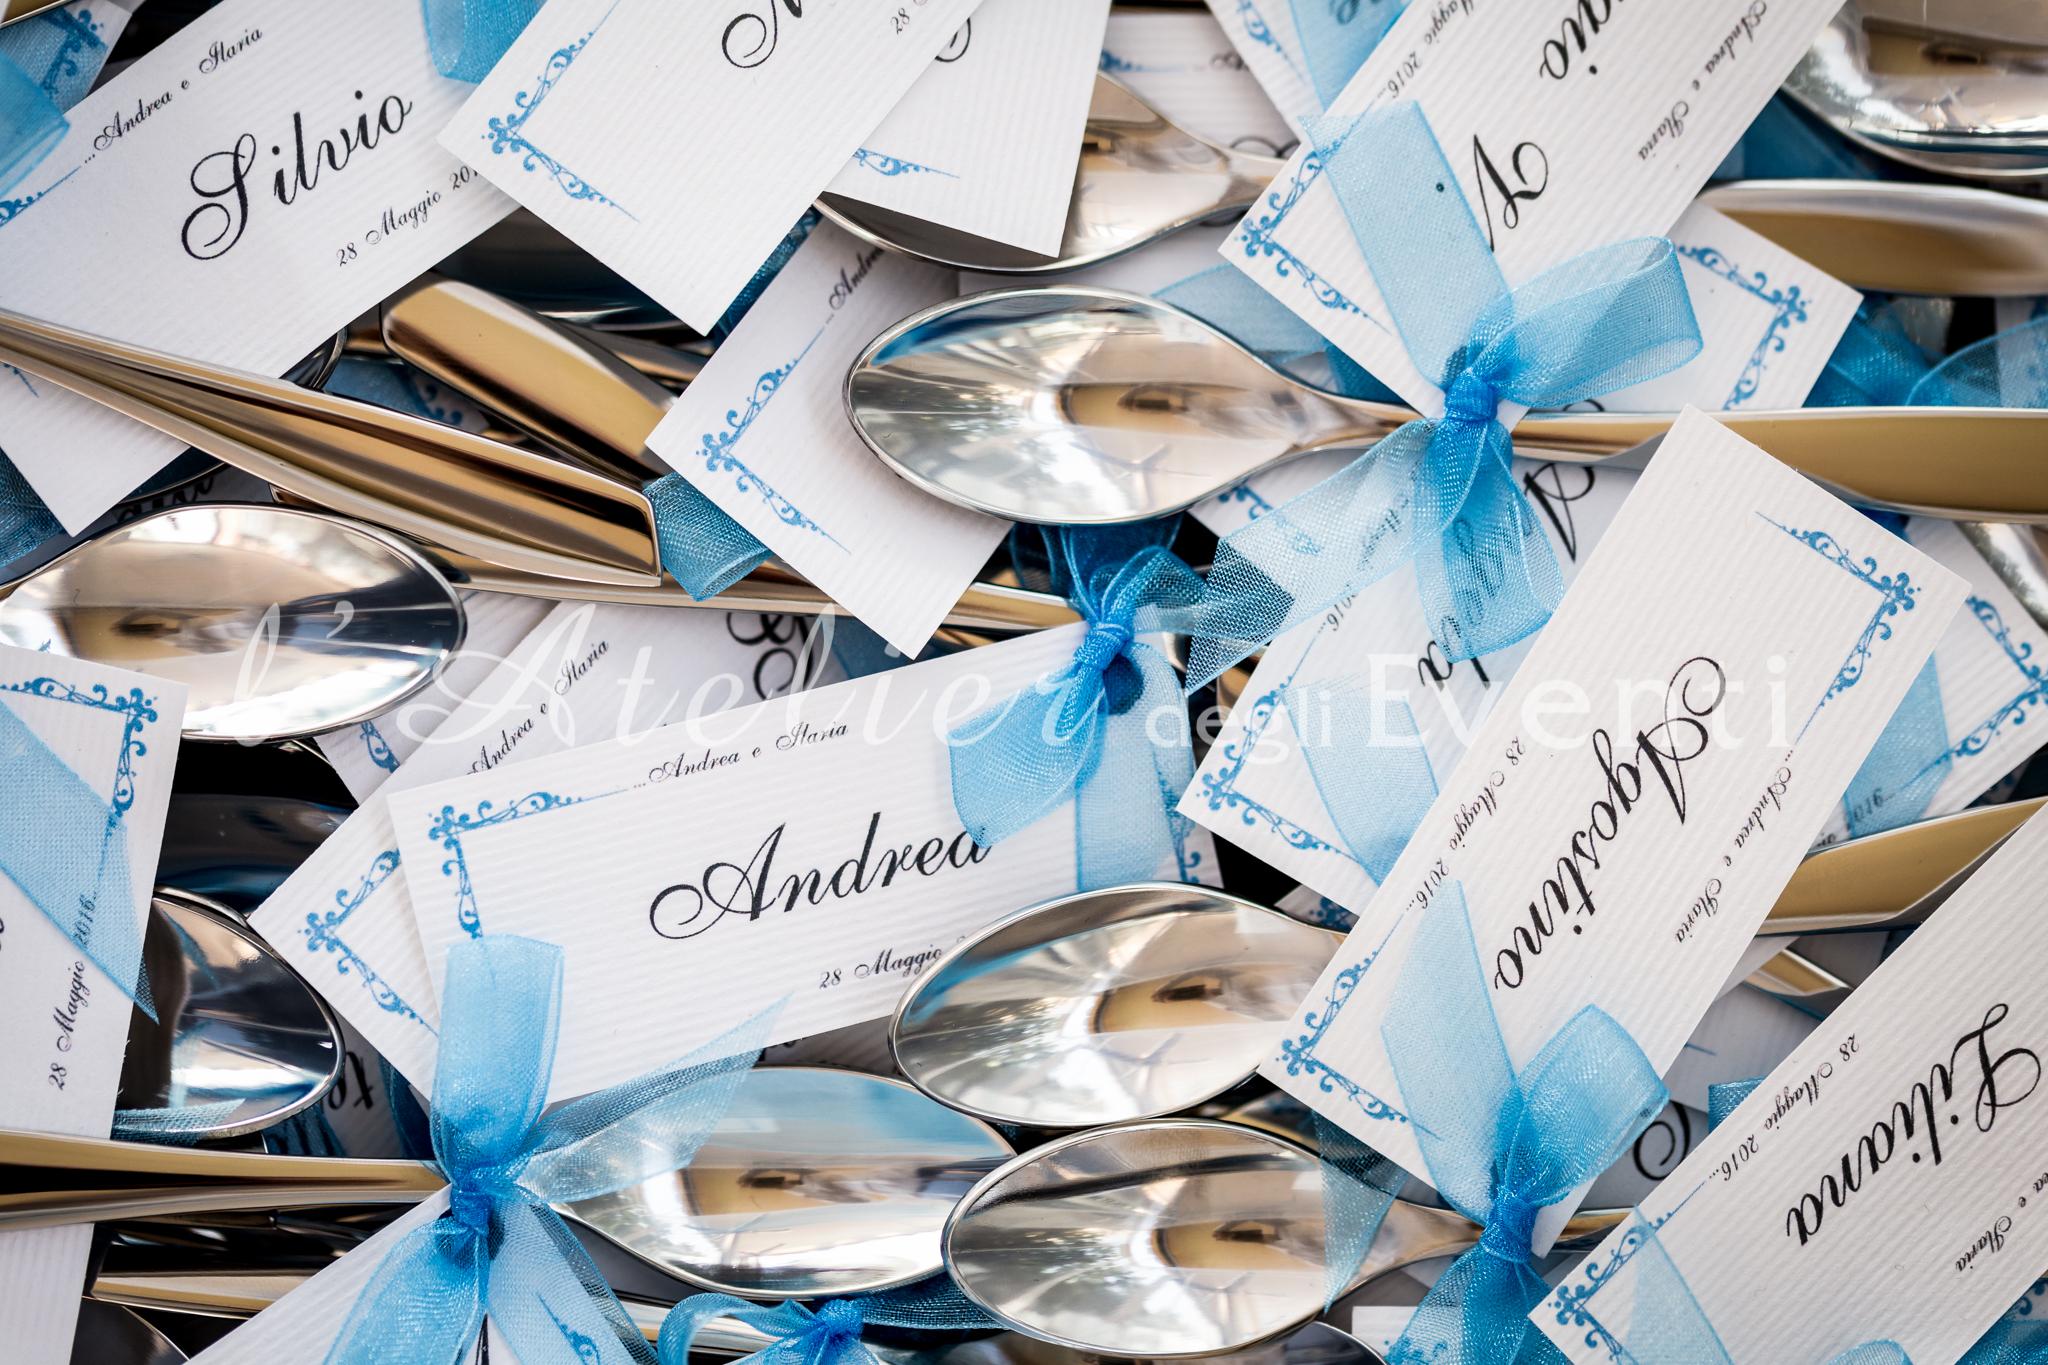 matrimonio-andrea-ilaria-pegli-28-maggio-2016-18